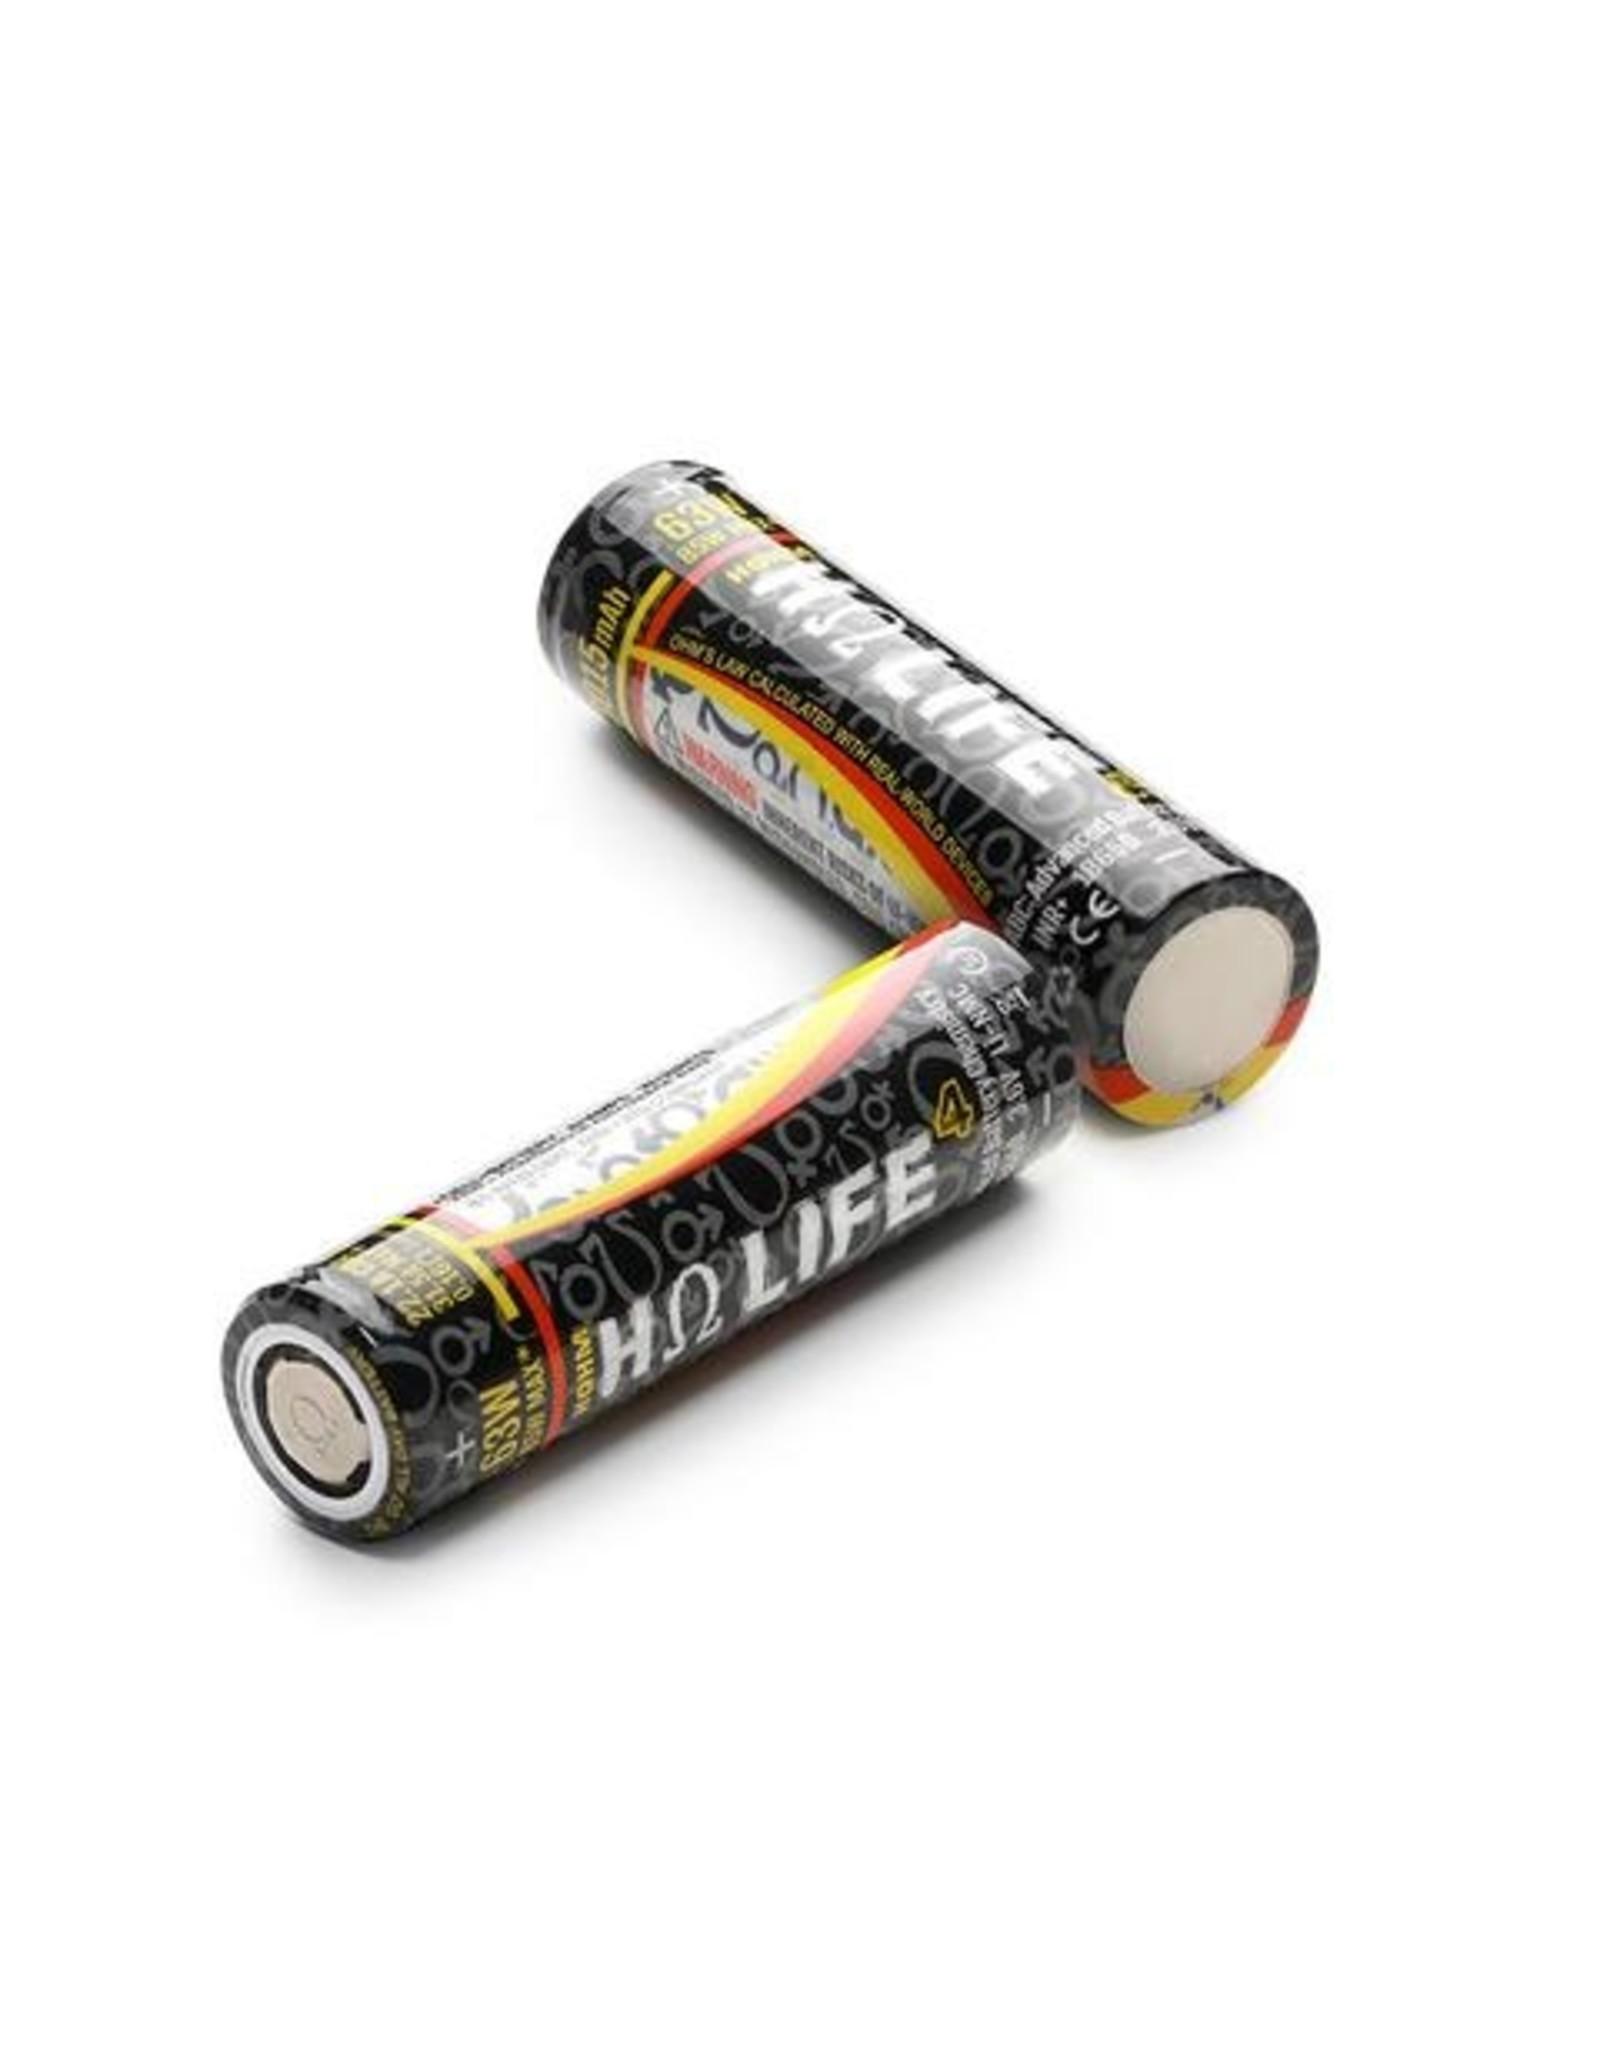 Hohm Tech 18650 Hohm Tech Battery Hohm Life - 3015mAh